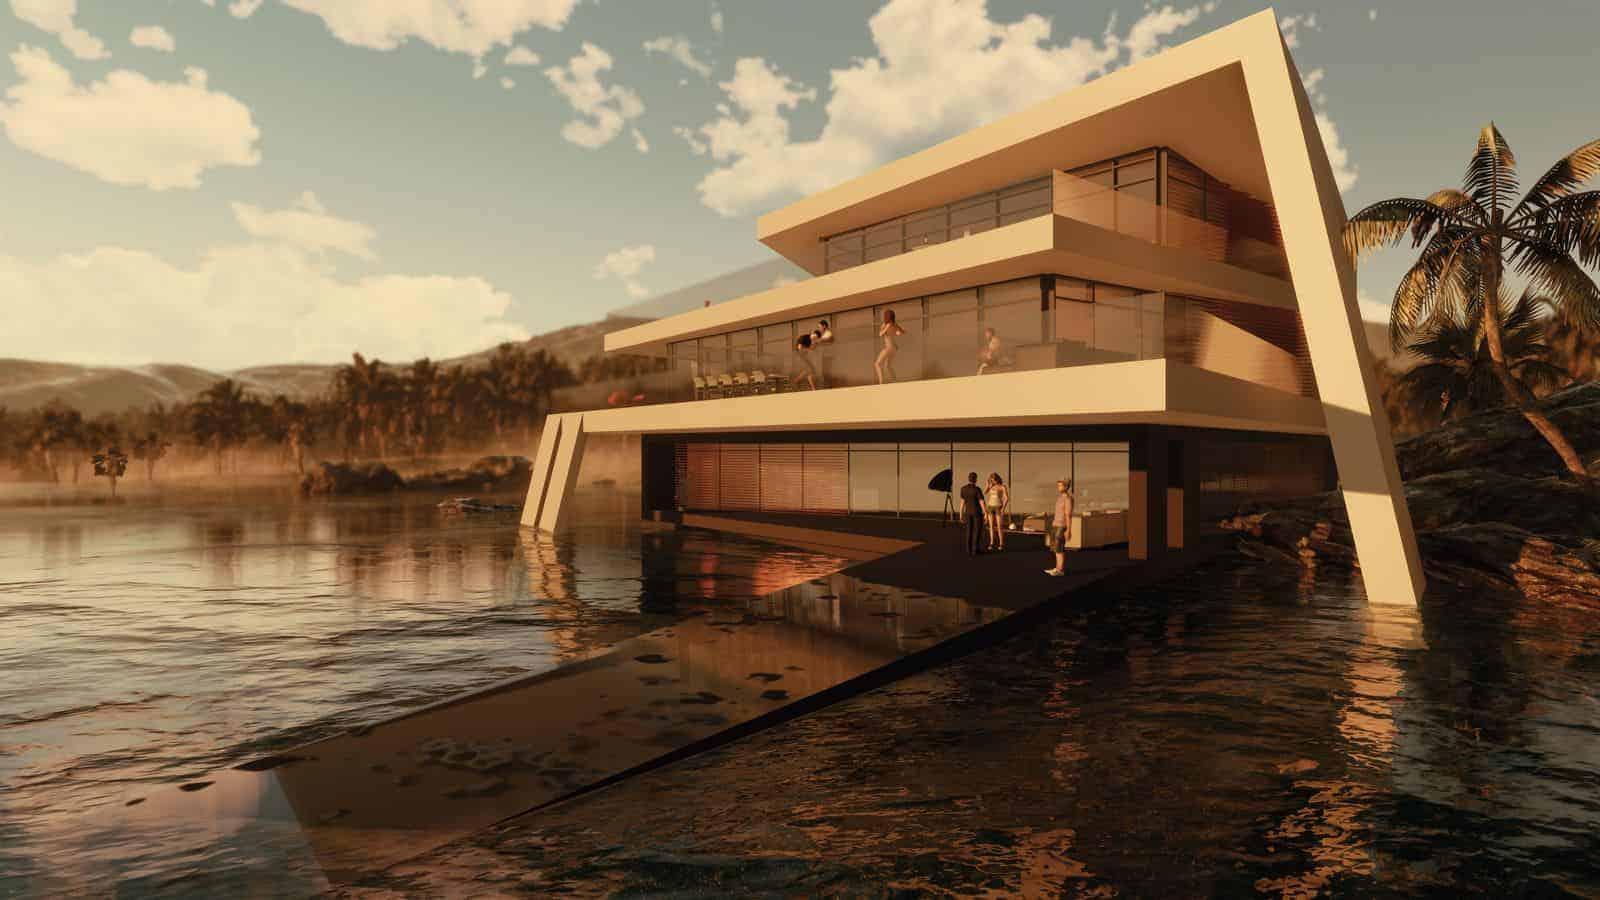 Futuristische Villa im Wasser